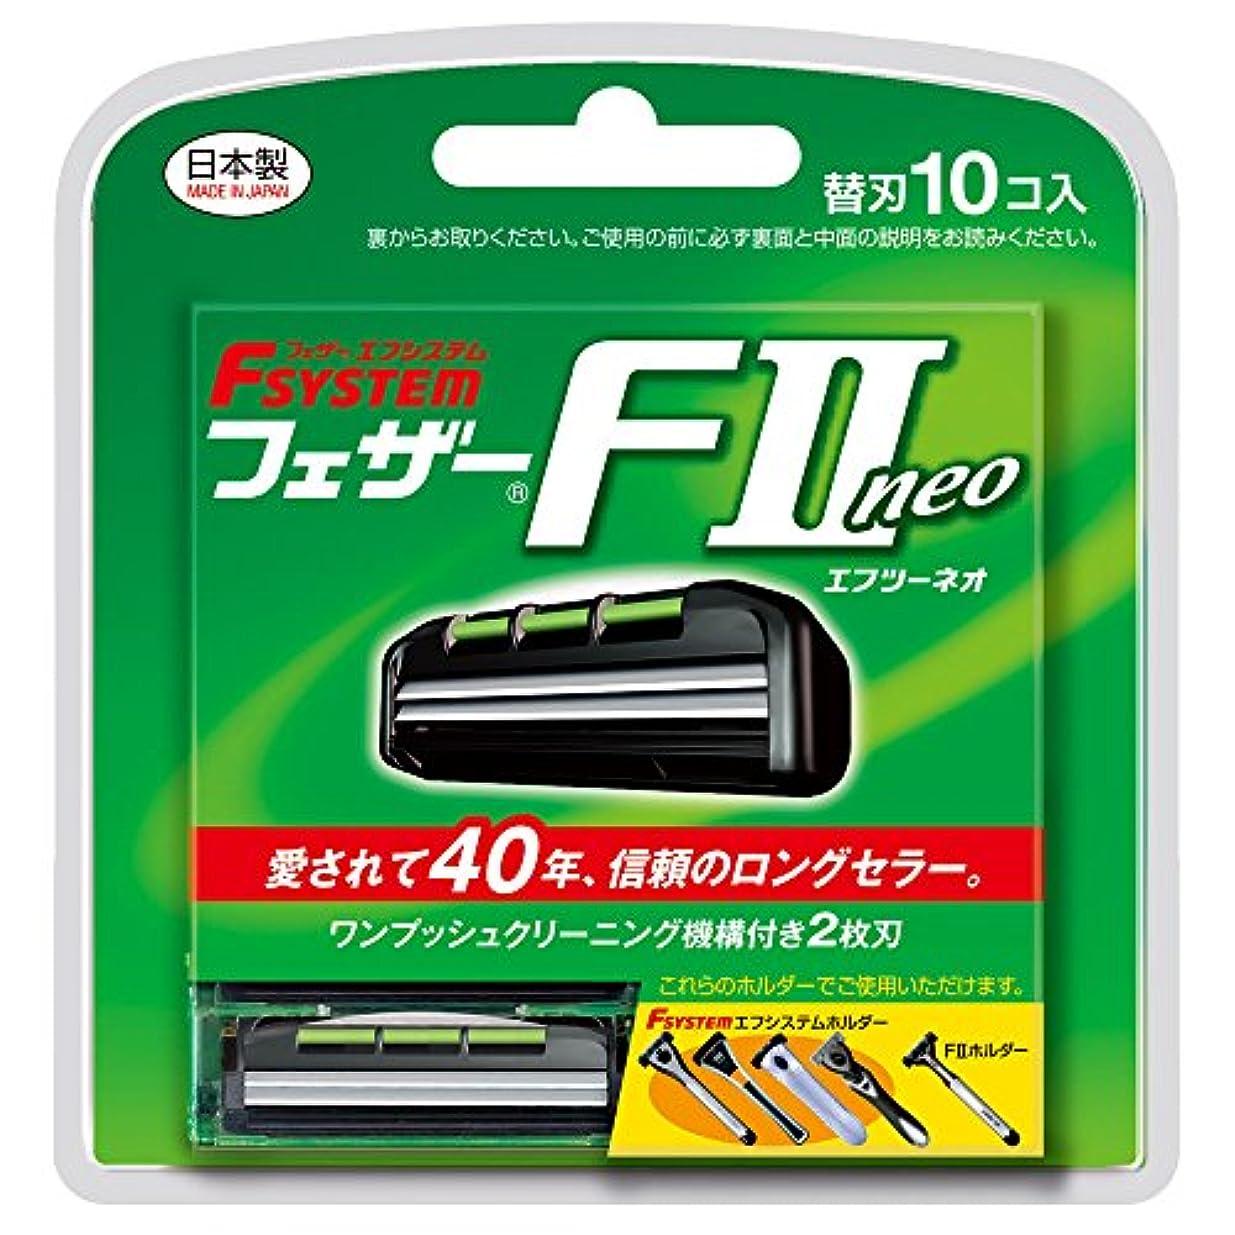 毛細血管復活する惨めなフェザー エフシステム 替刃 FIIネオ 10コ入